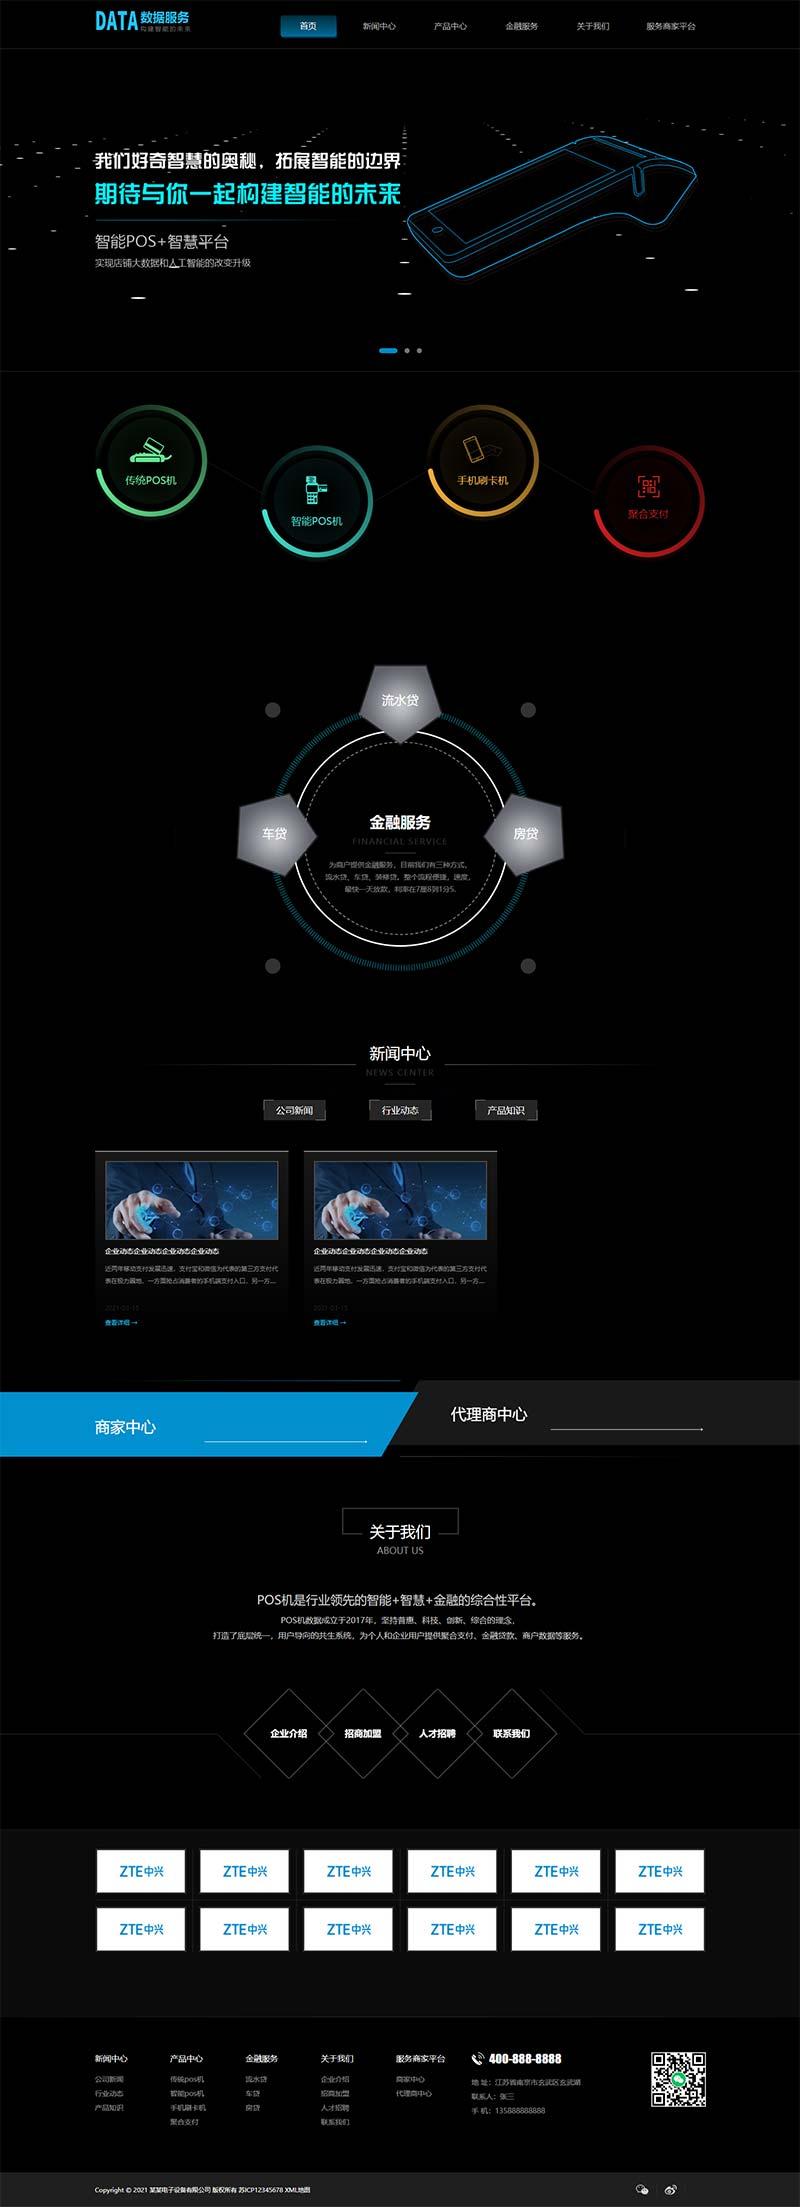 金融数据支付电子科技公司网站织梦模板 移动支付设备pos机网站模板下载